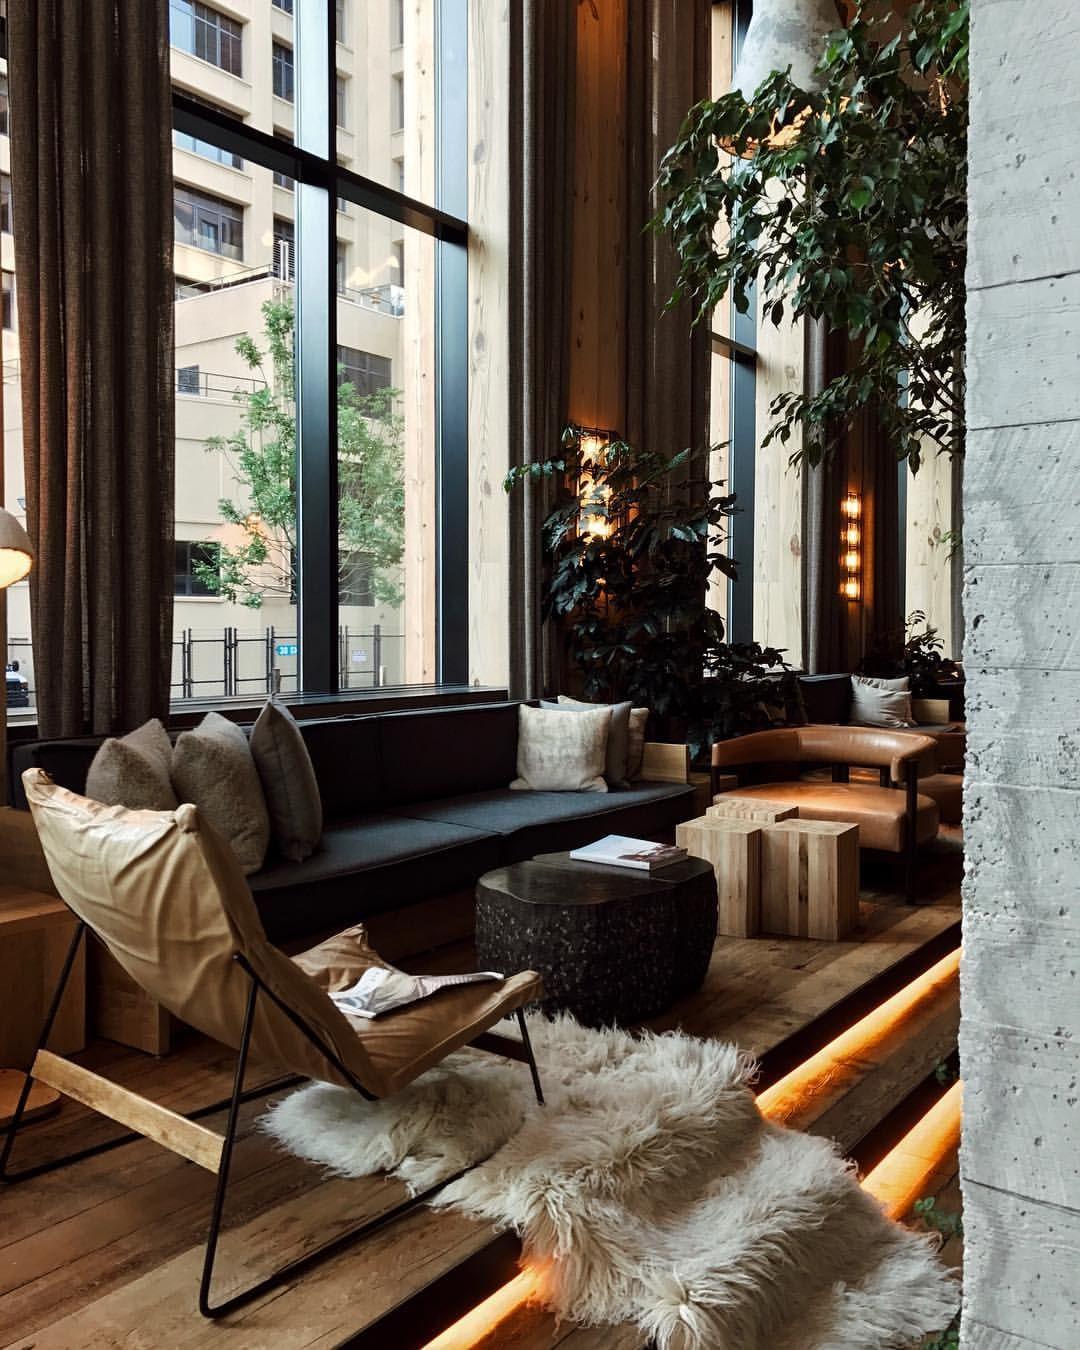 New York Style Room Homedecor Style Design Homedecorideas Homedesign Interiordesignideas Interioridea Interior Design Luxury Home Decor Apartment Design